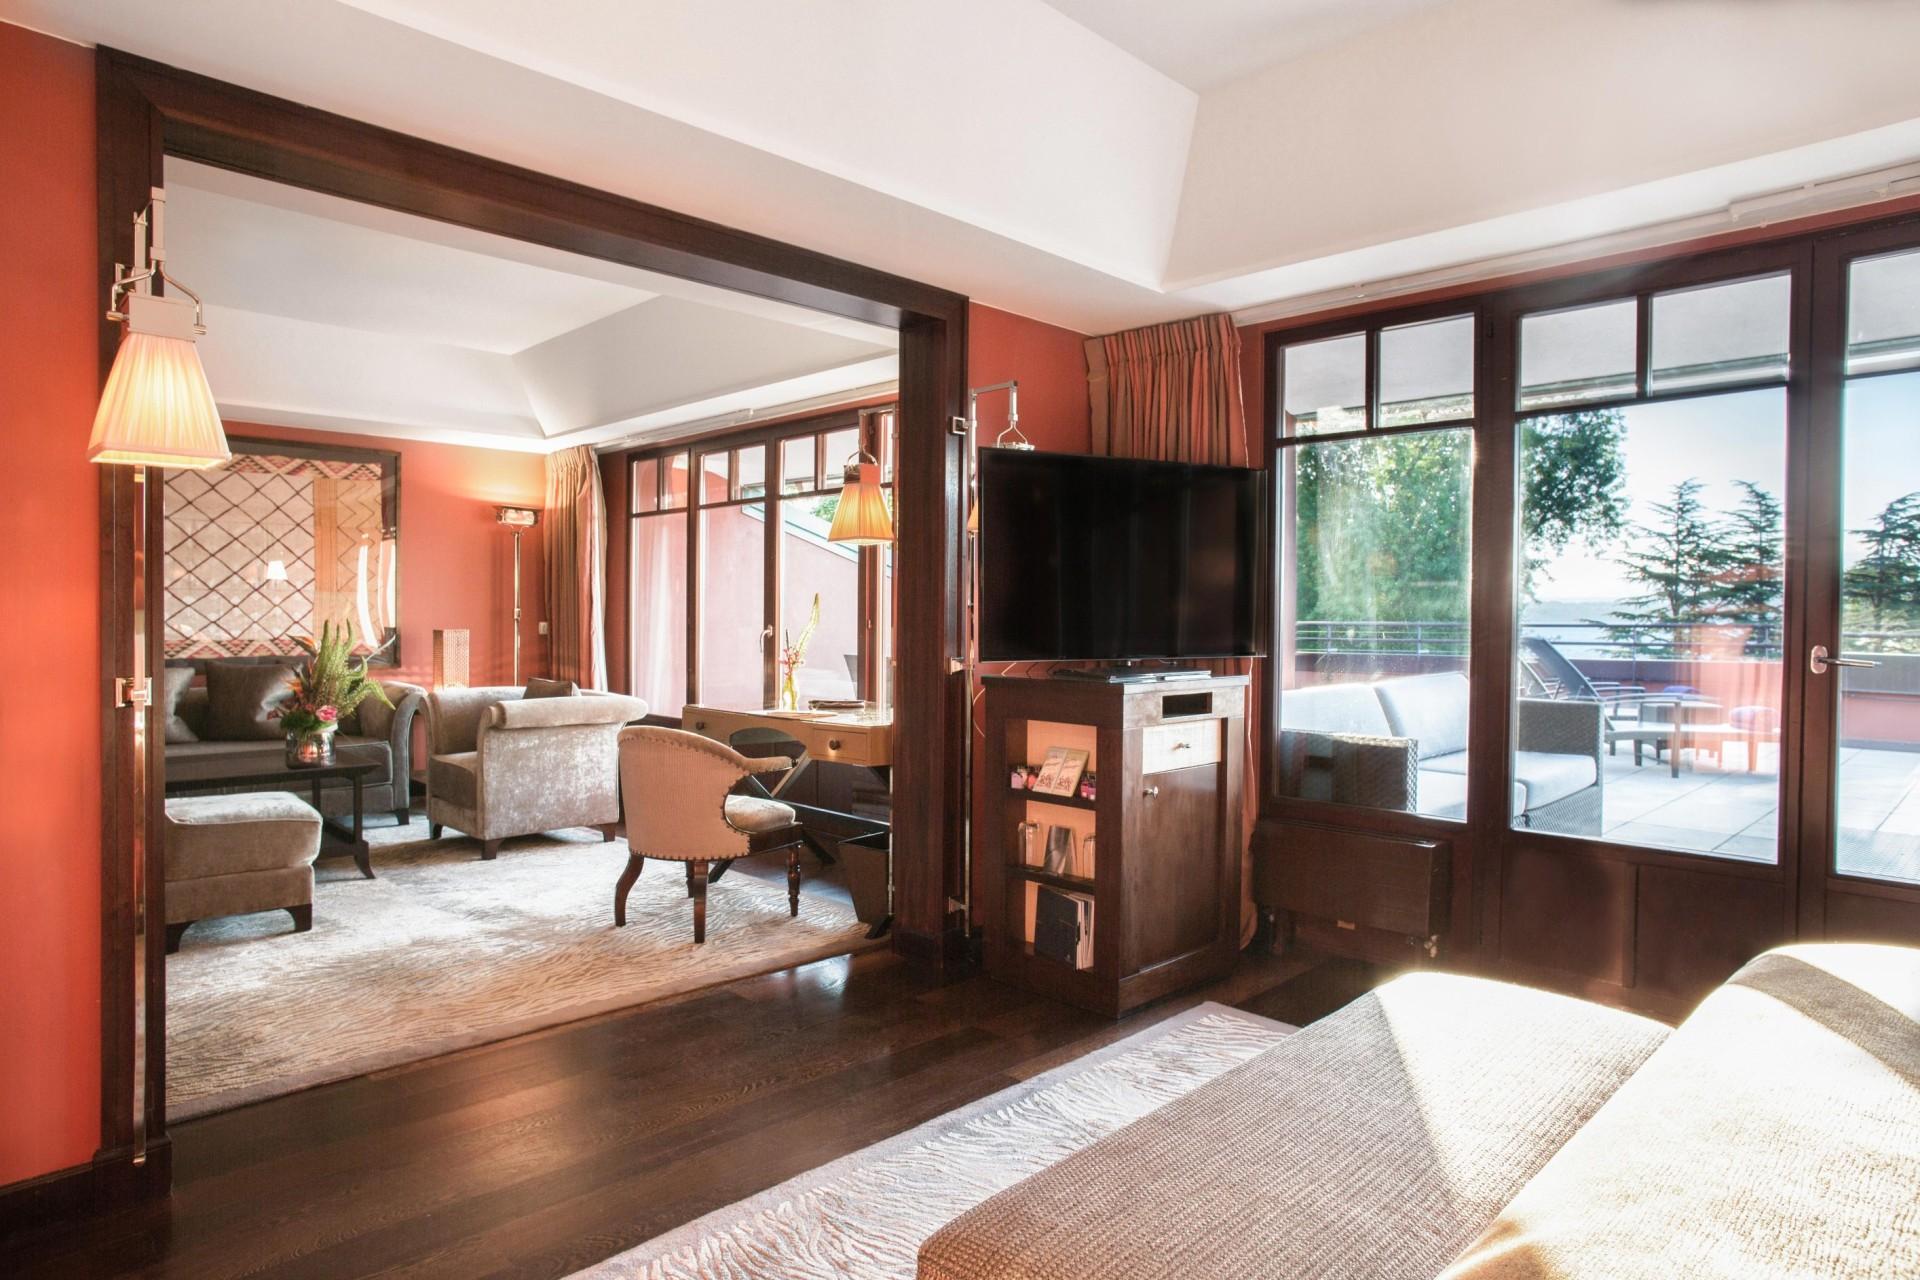 Suite Wohnraum des La Reserve Hotels